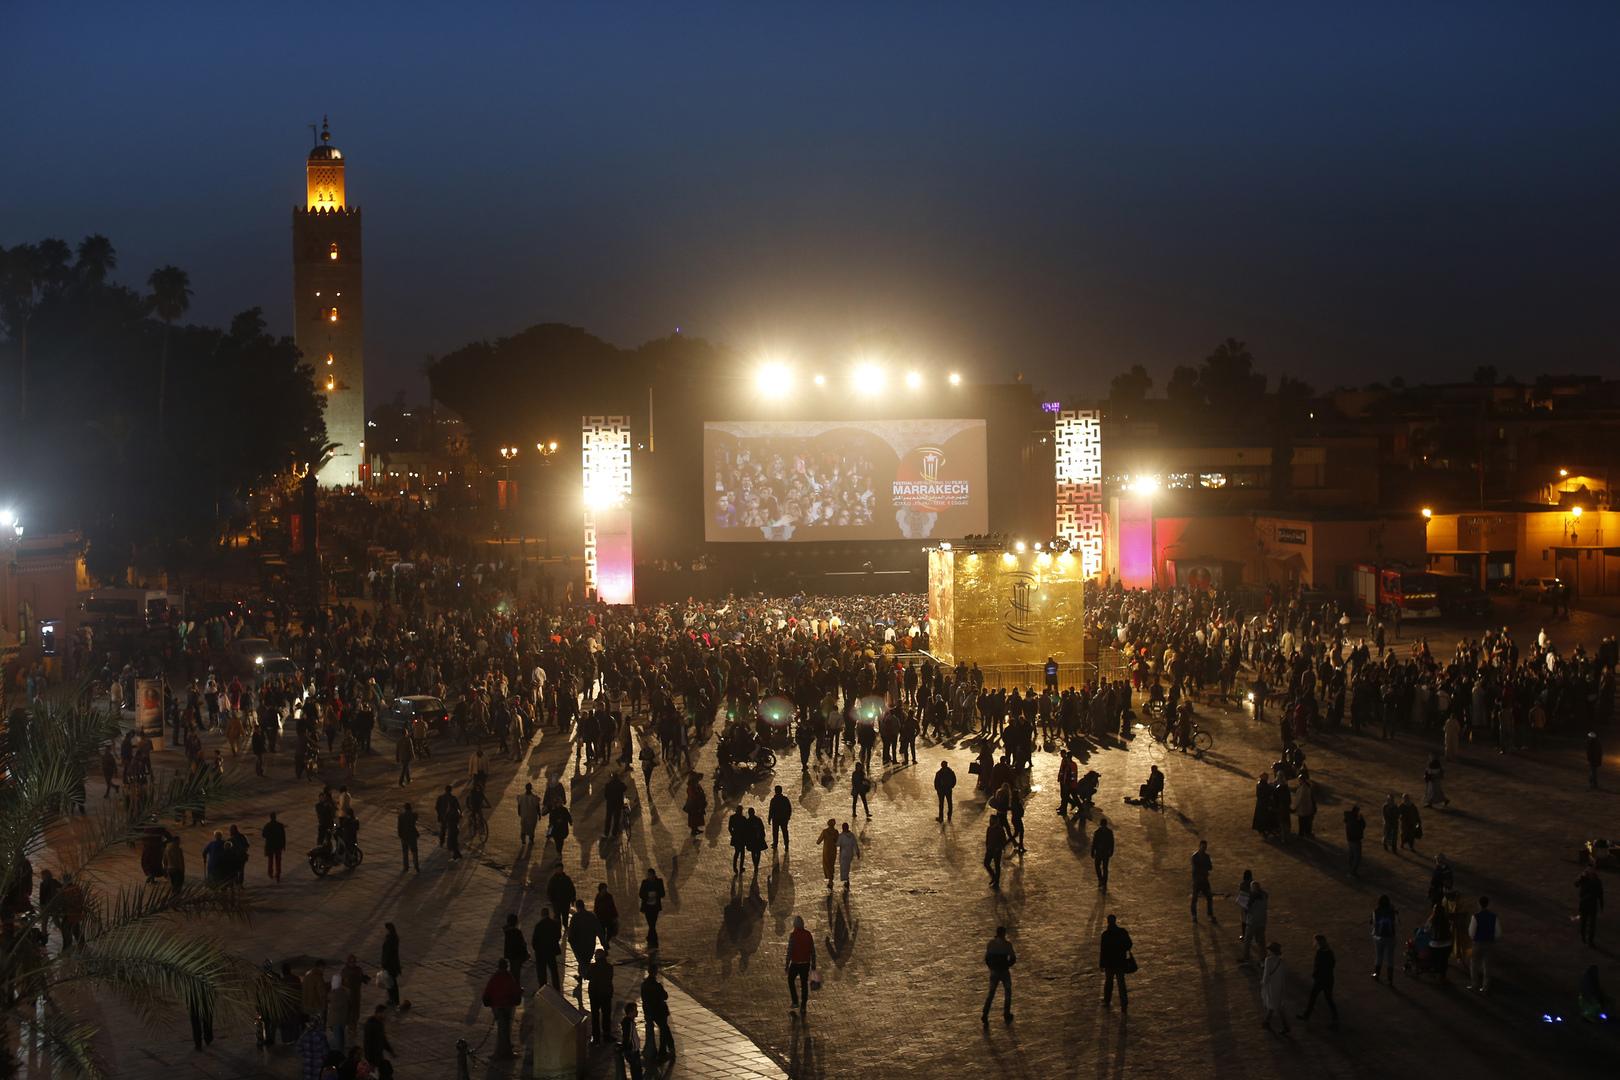 ساحة جماع الفنا في مراكش بالمغرب